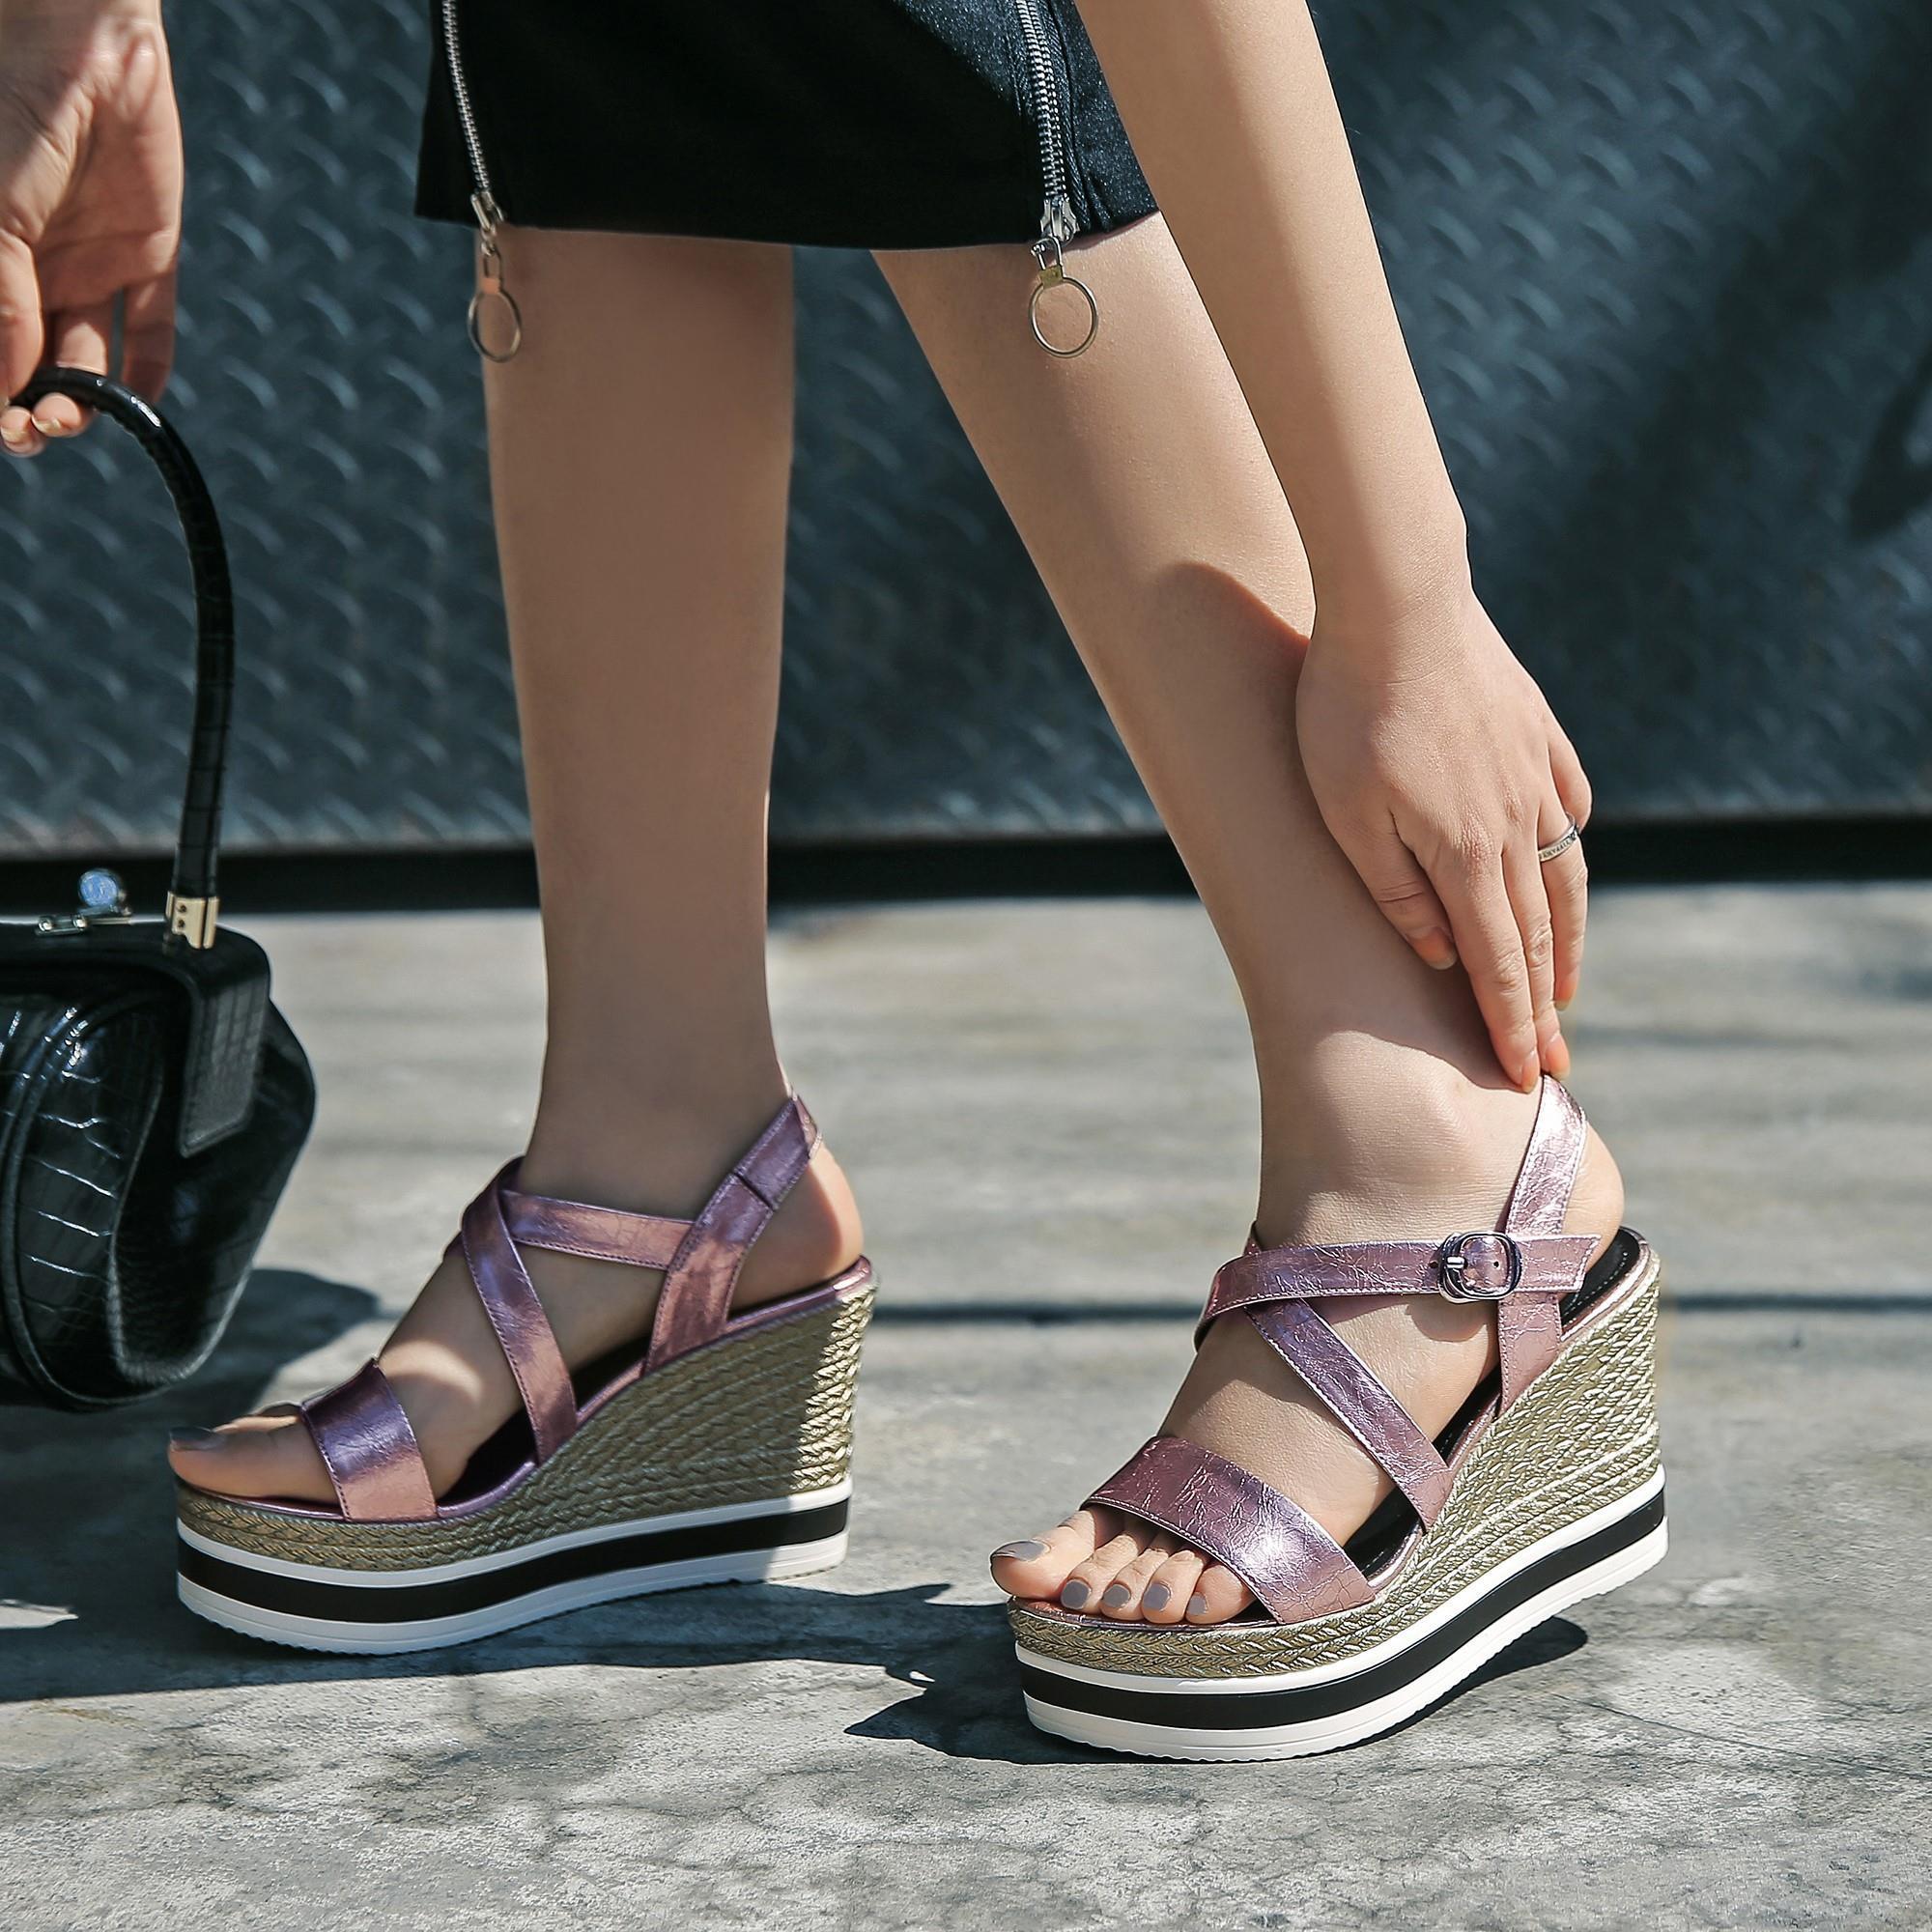 紫色罗马鞋 2021夏新款超高跟厚底真皮交叉带罗马凉鞋坡跟松糕底露趾紫色女鞋_推荐淘宝好看的紫色罗马鞋